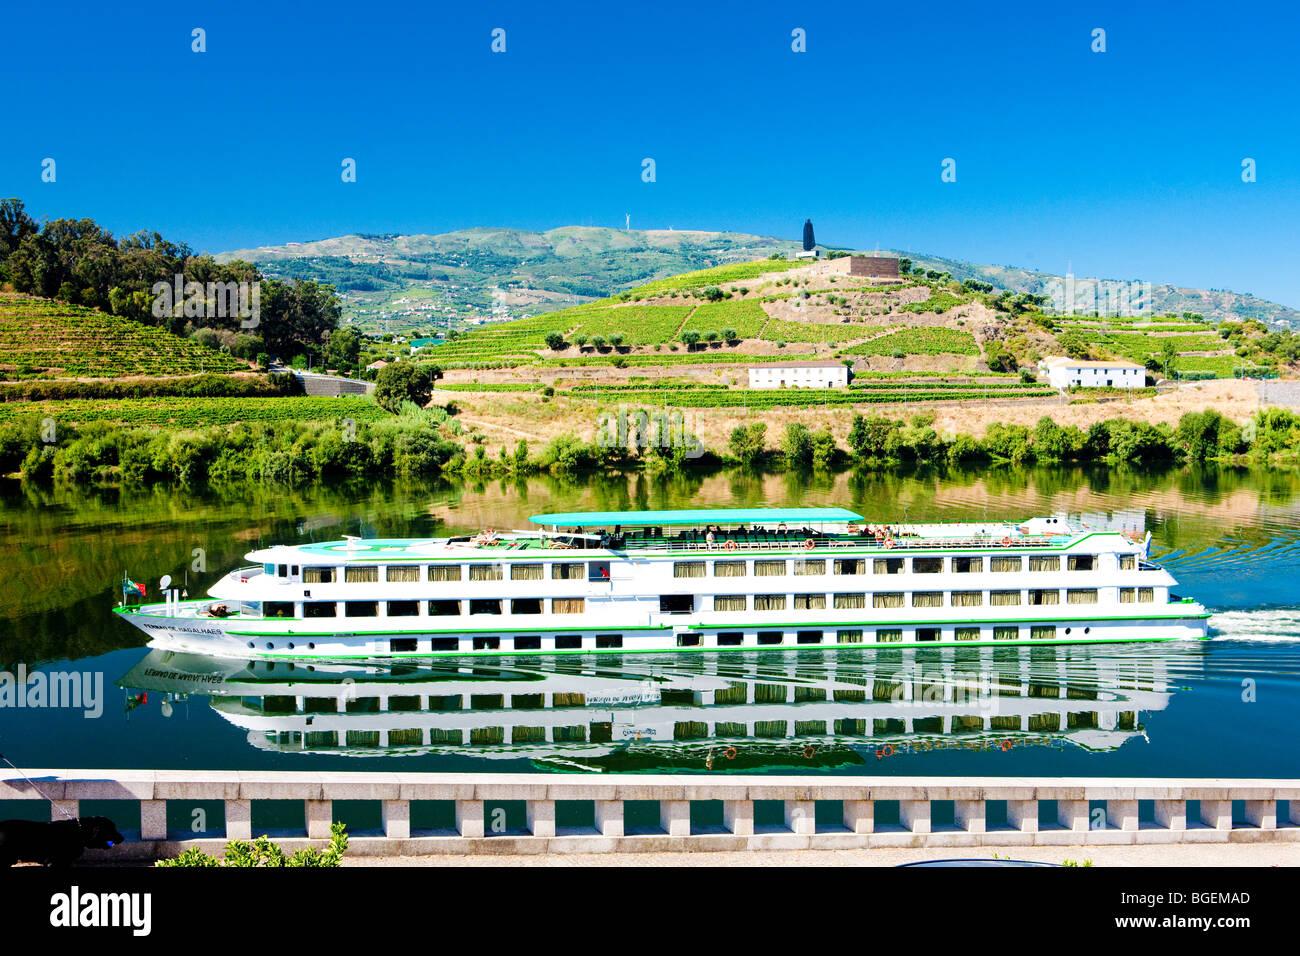 cruise ship at Peso da Regua, Douro Valley, Portugal - Stock Image